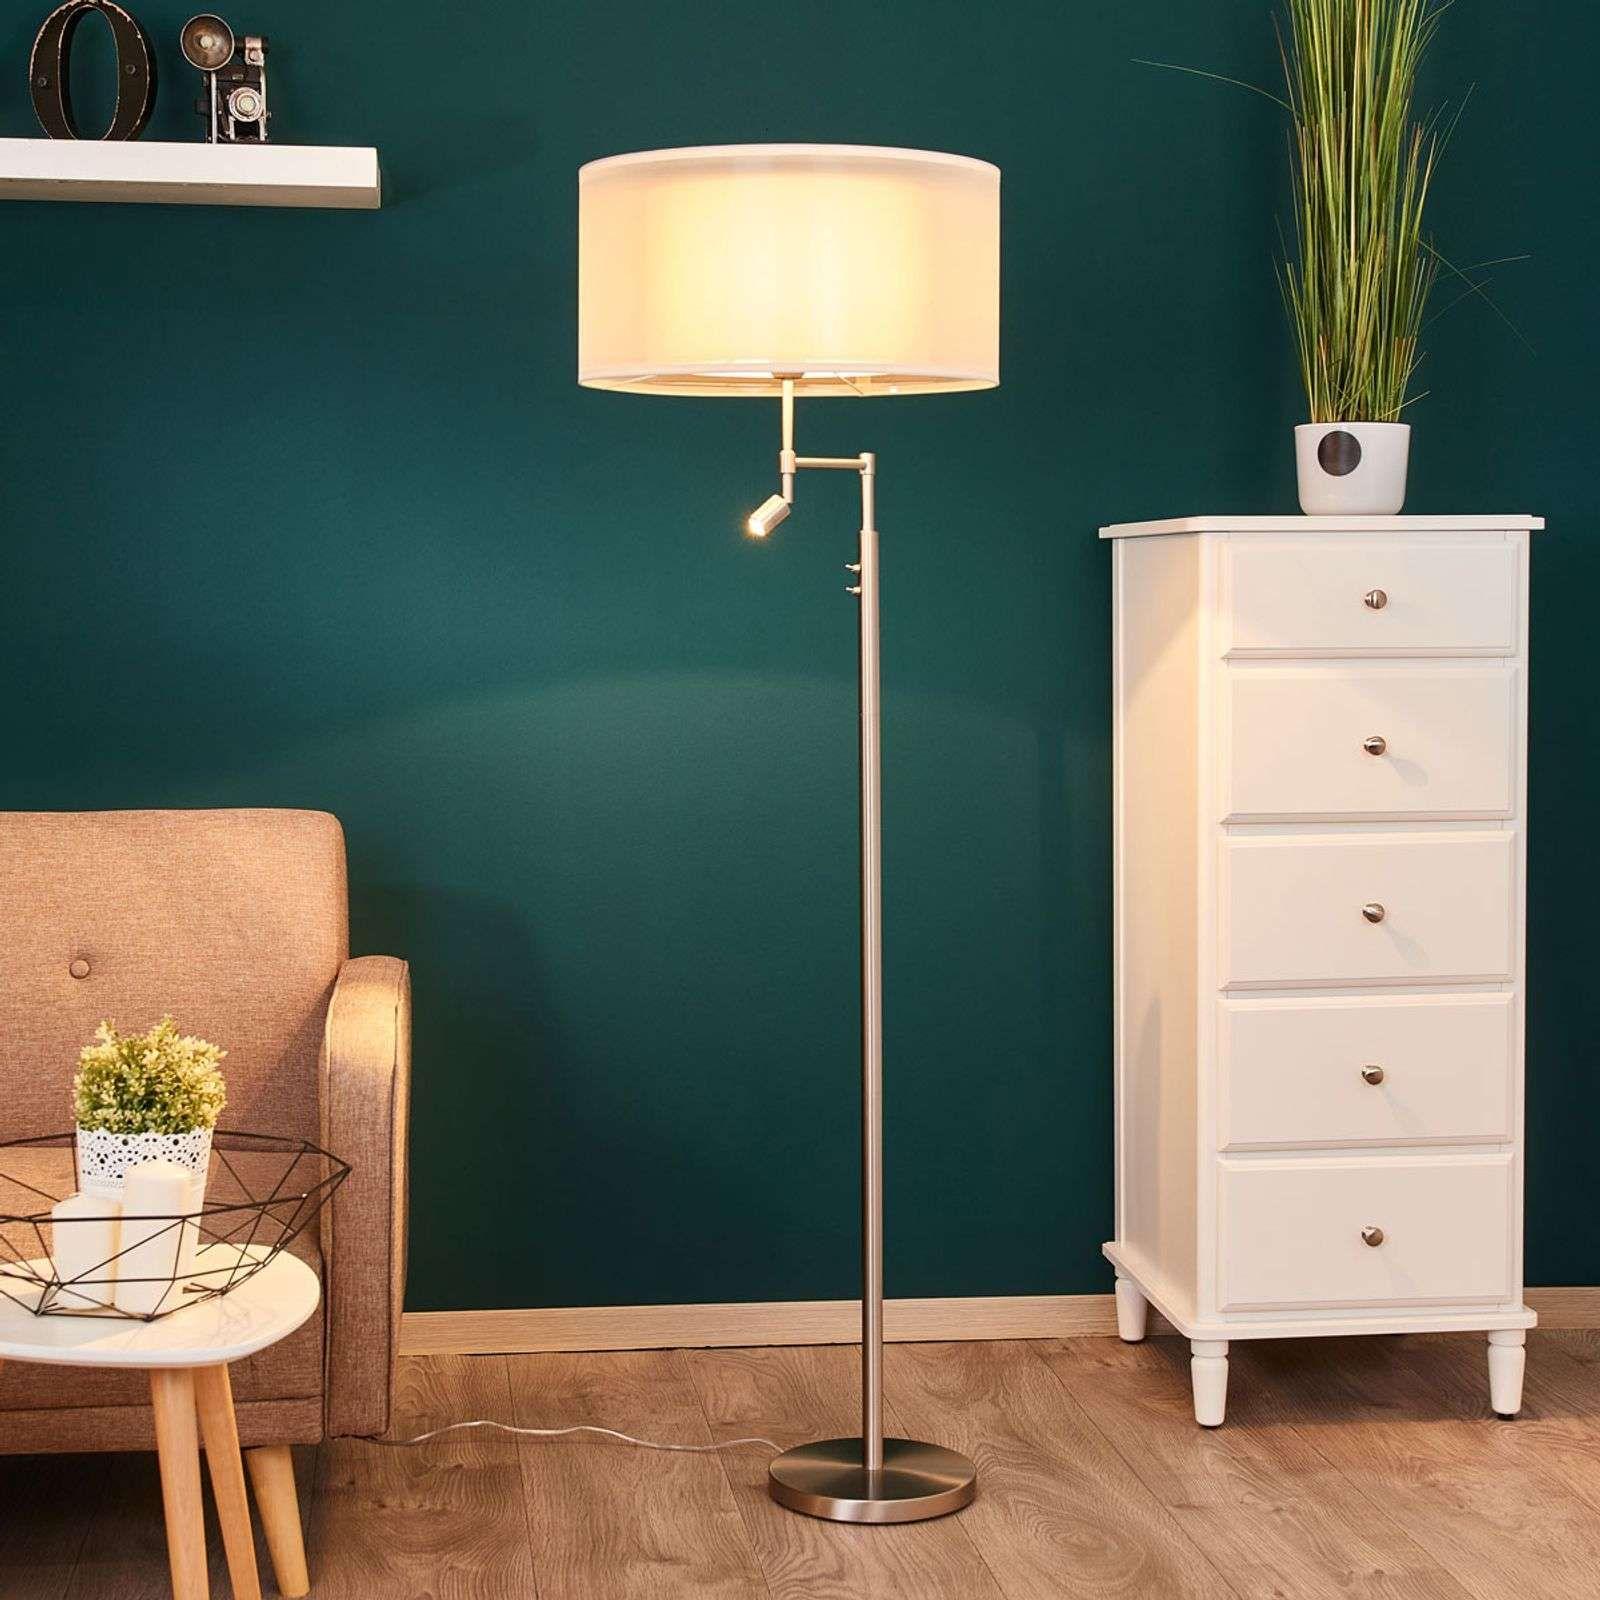 Moderne Stehlampen Wohnzimmer Stehlampe Holz Dreibein Kleine